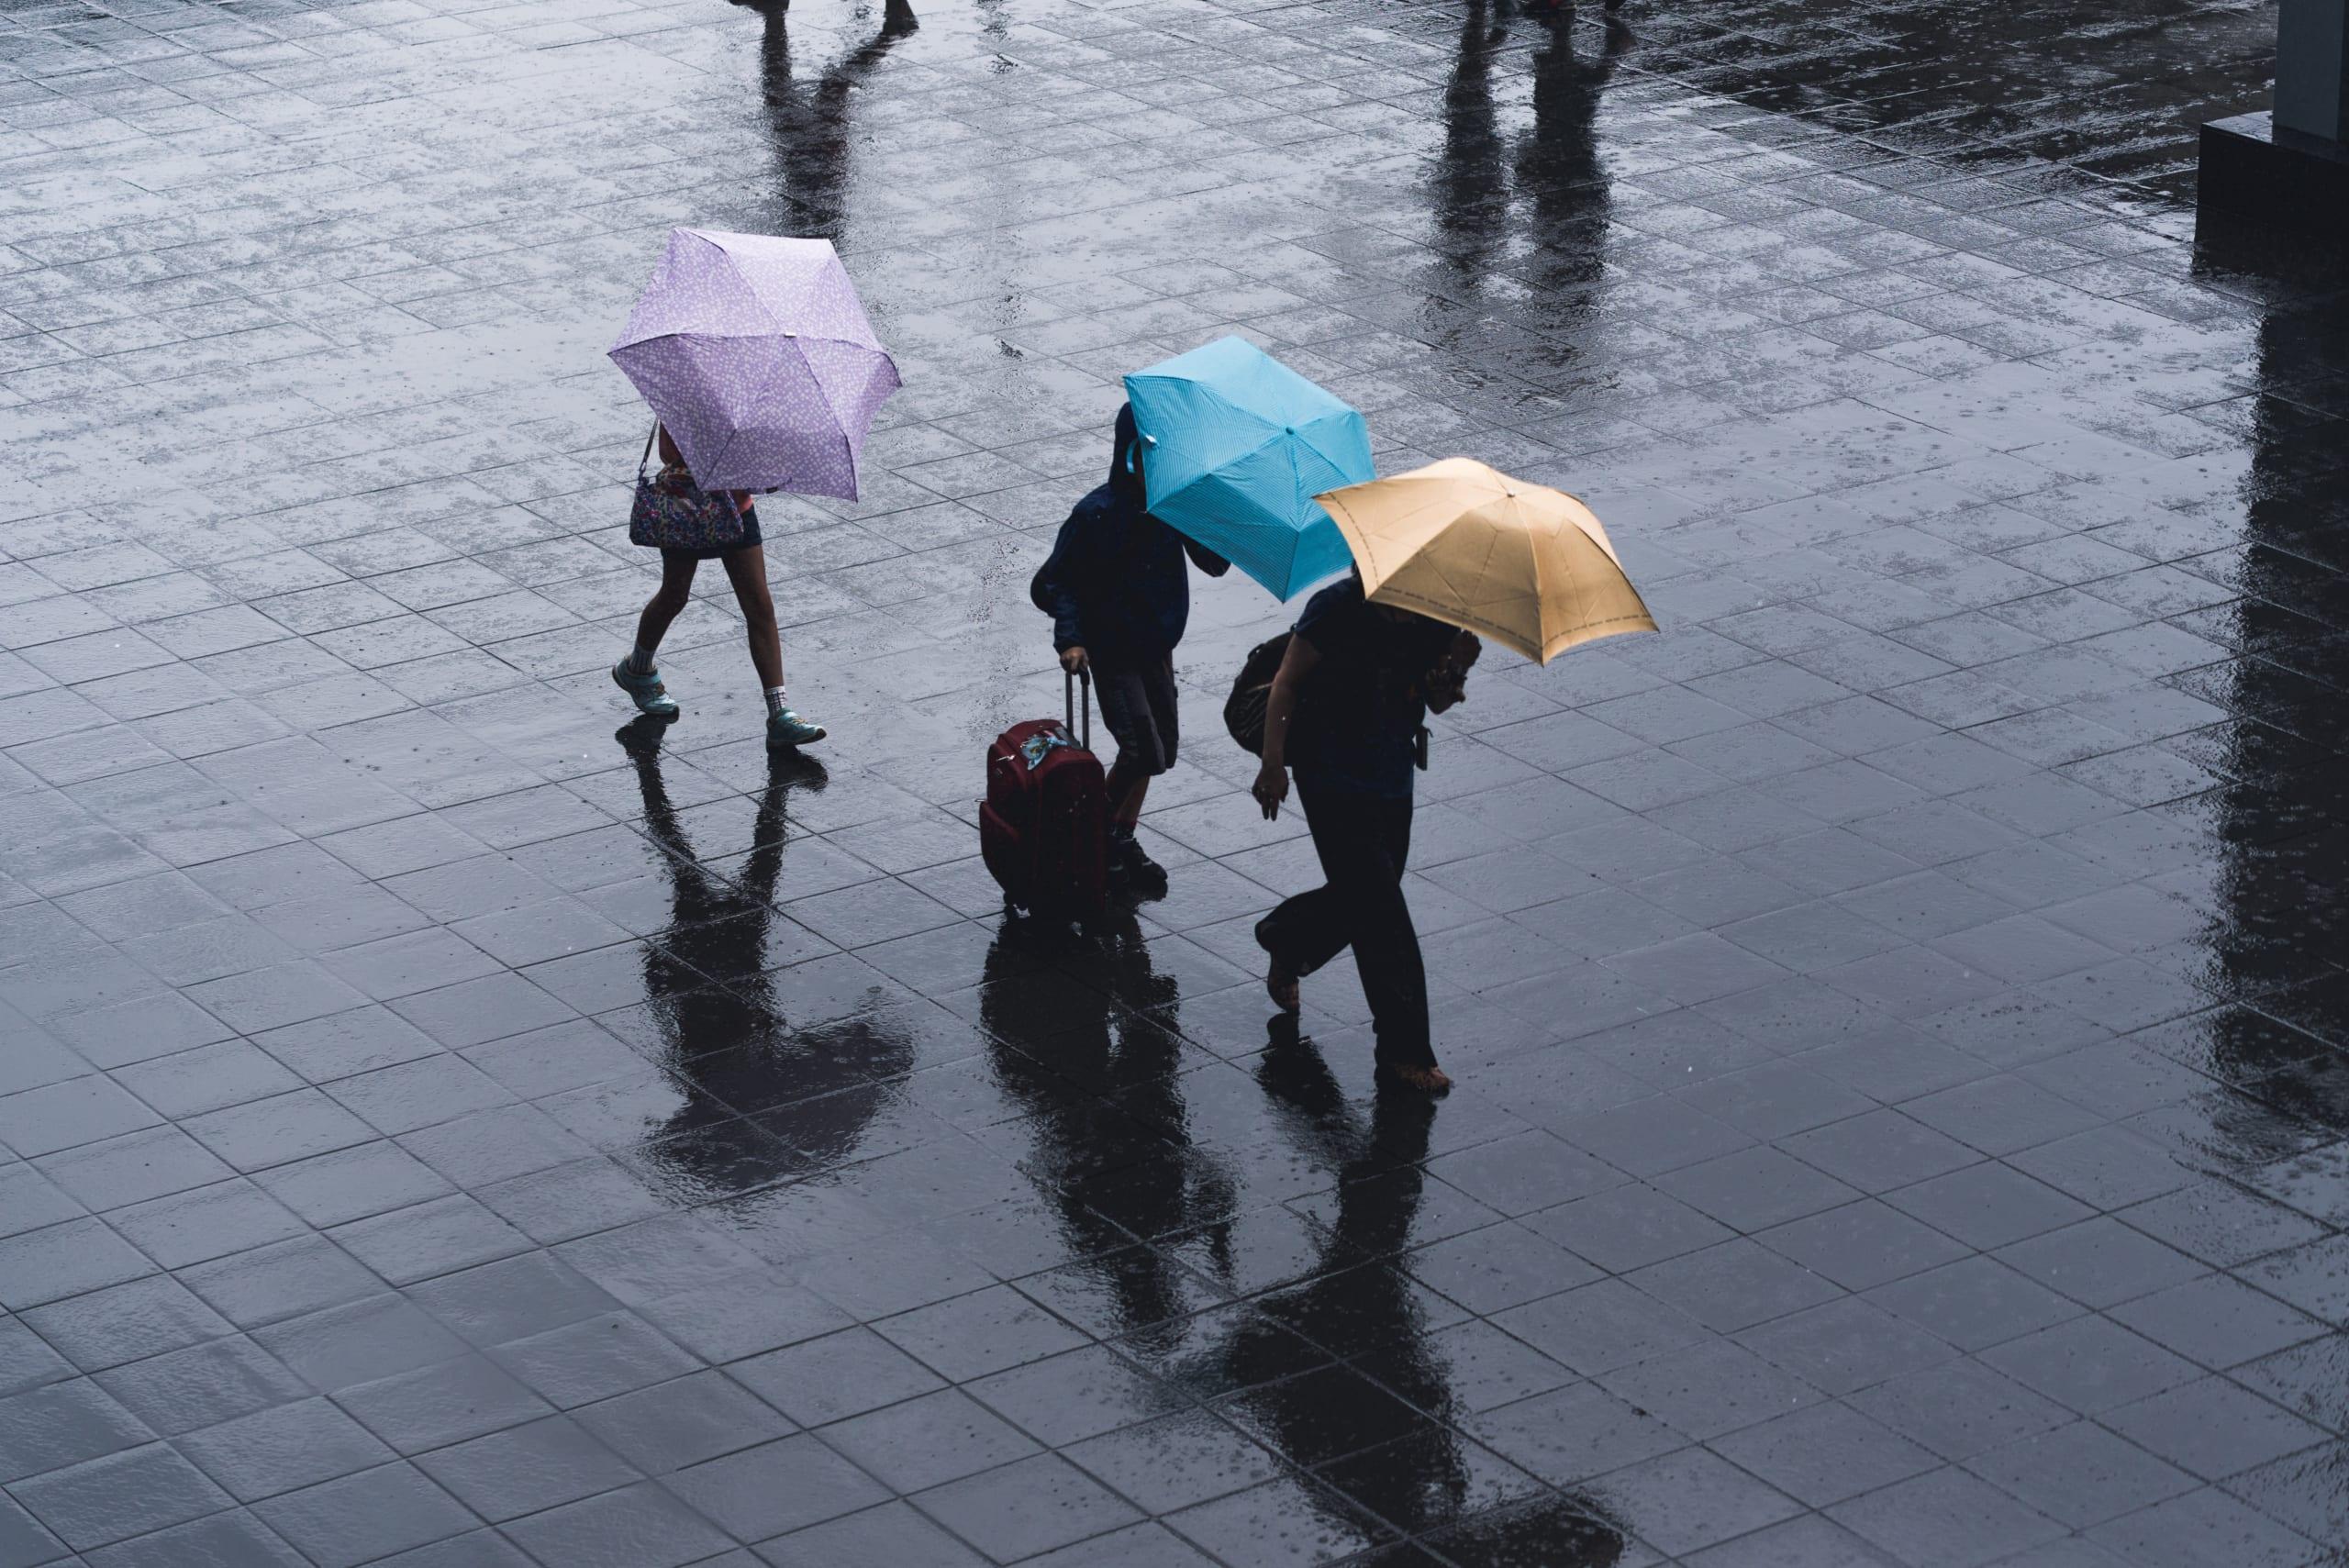 ゲリラ豪雨等の直前予測を屋外イベント運営等に活用する実証実験を実施 ~「Marunouchi Street Park 2021 Summer」の運営者・来街者へ情報提供~